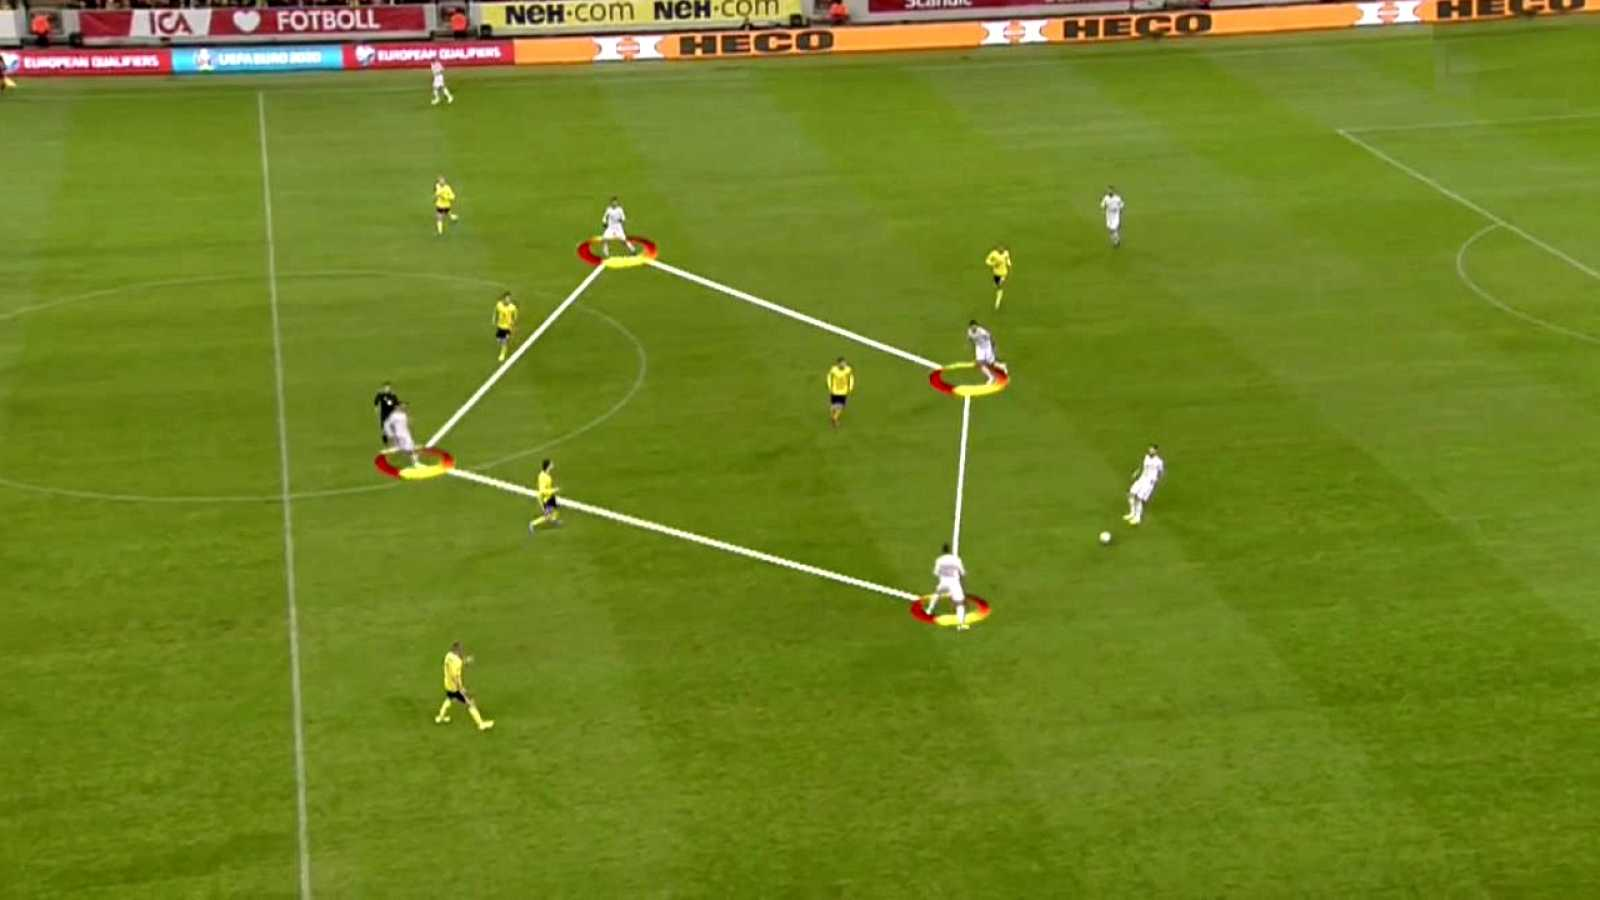 Fútbol - Programa Clasificación Eurocopa 2020 Postpartido: Suecia - España - ver ahora